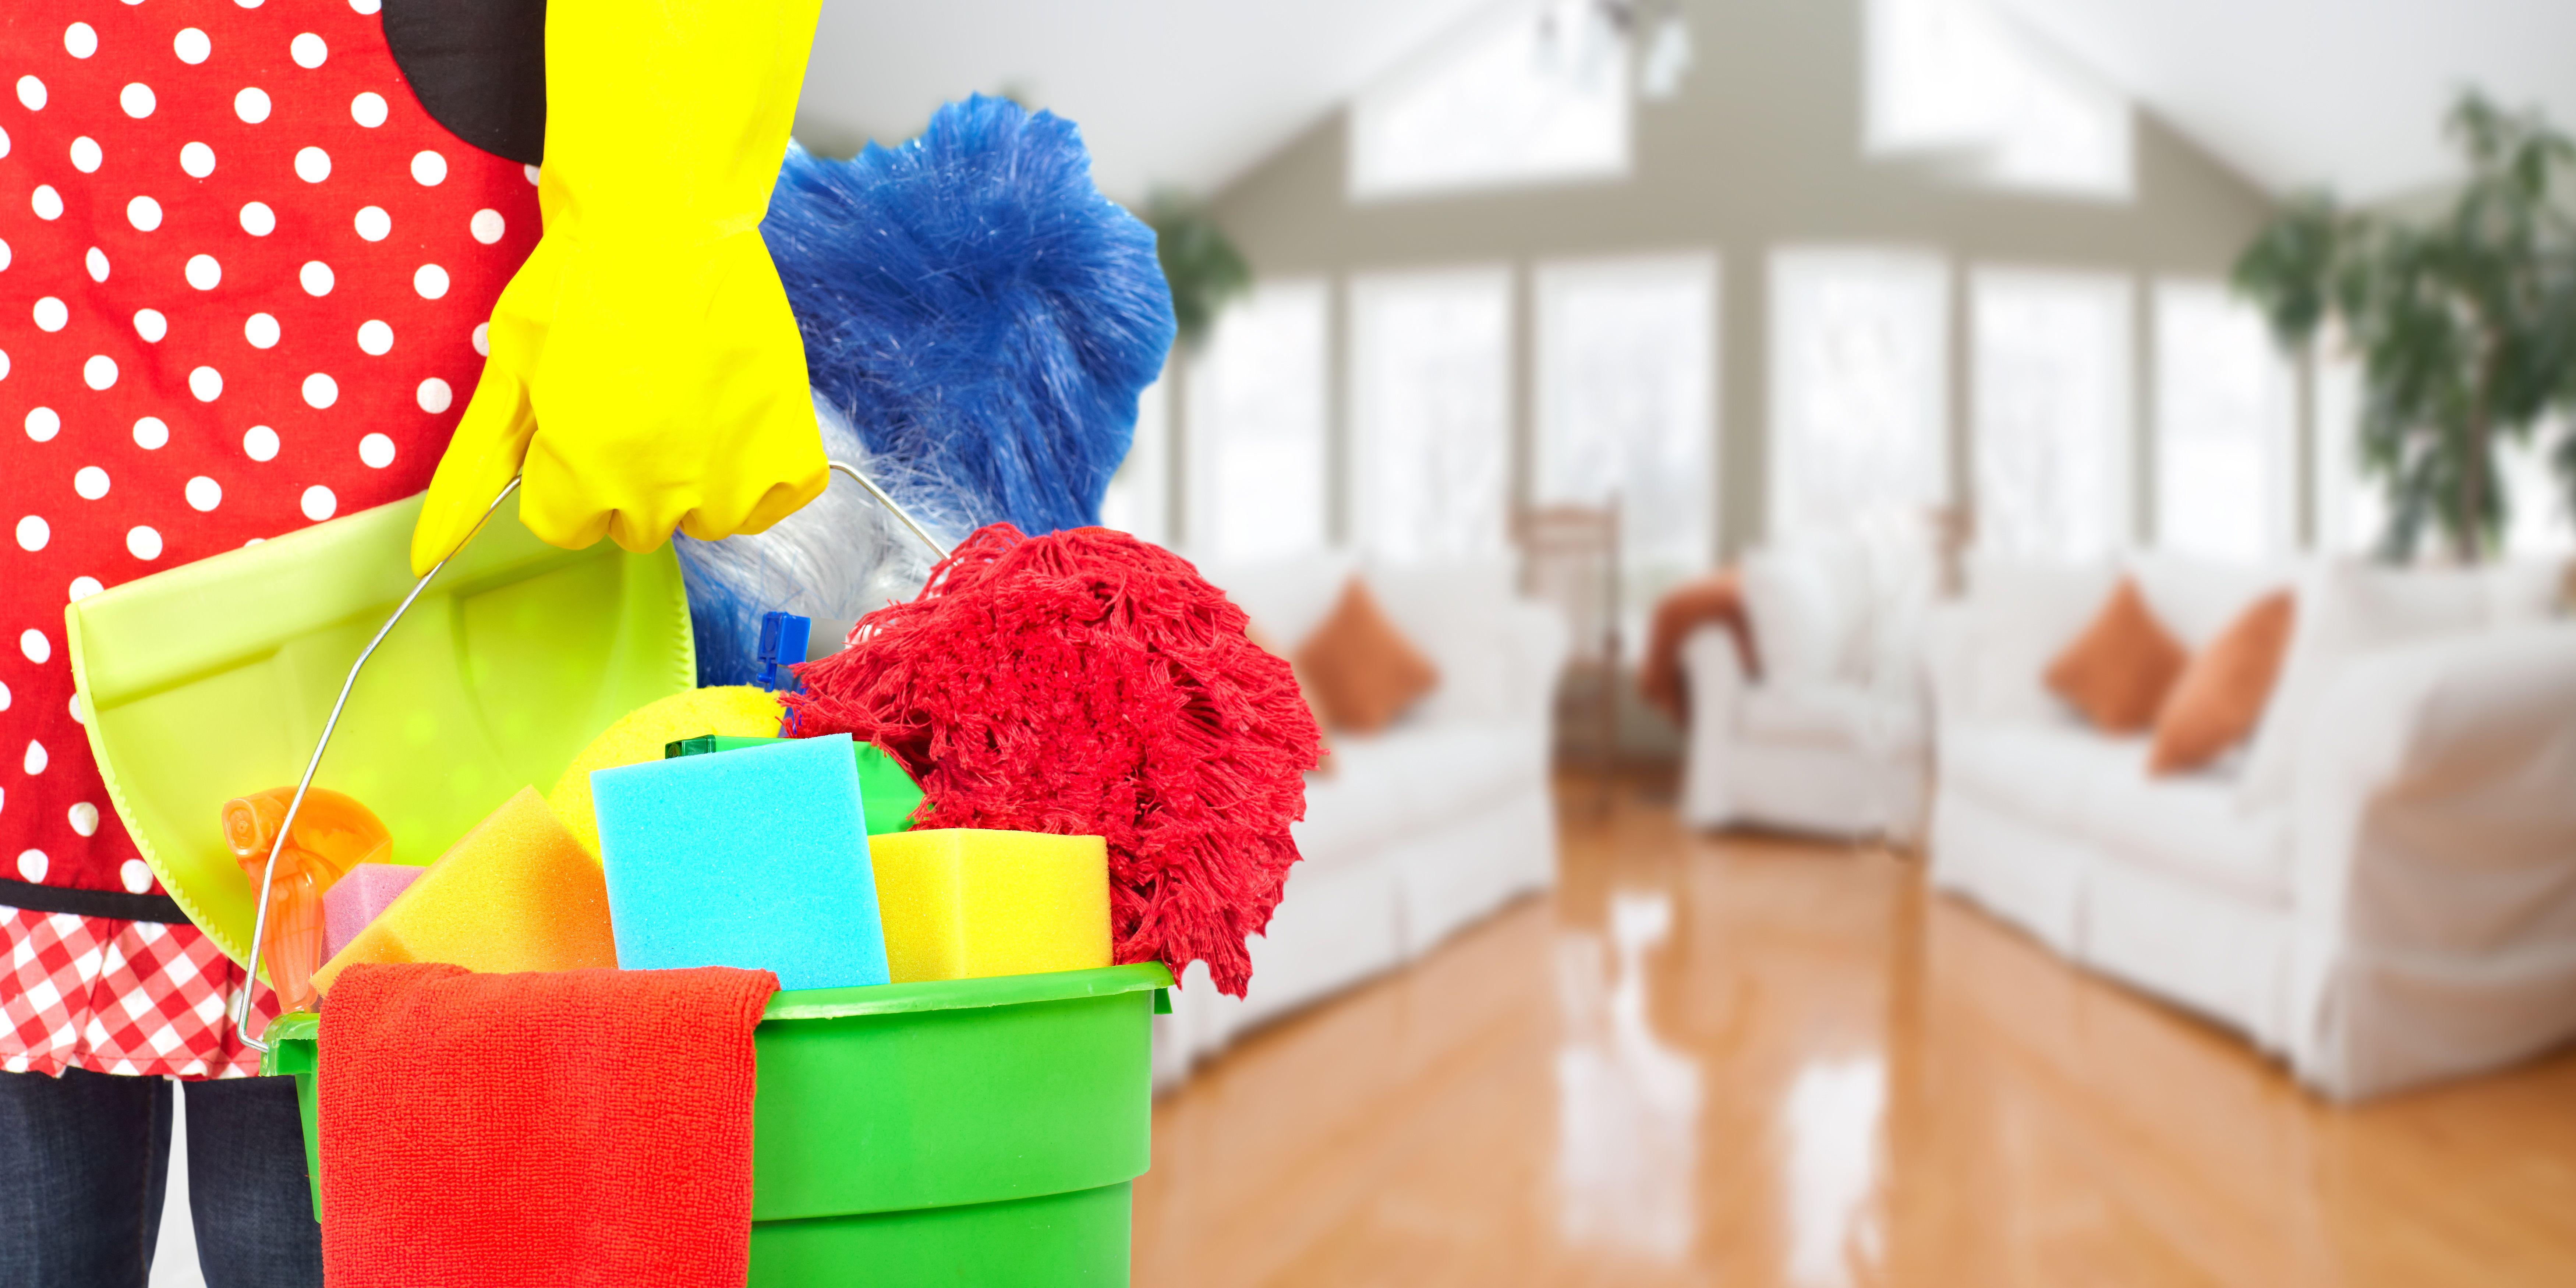 Servicios de limpieza en Zaragoza